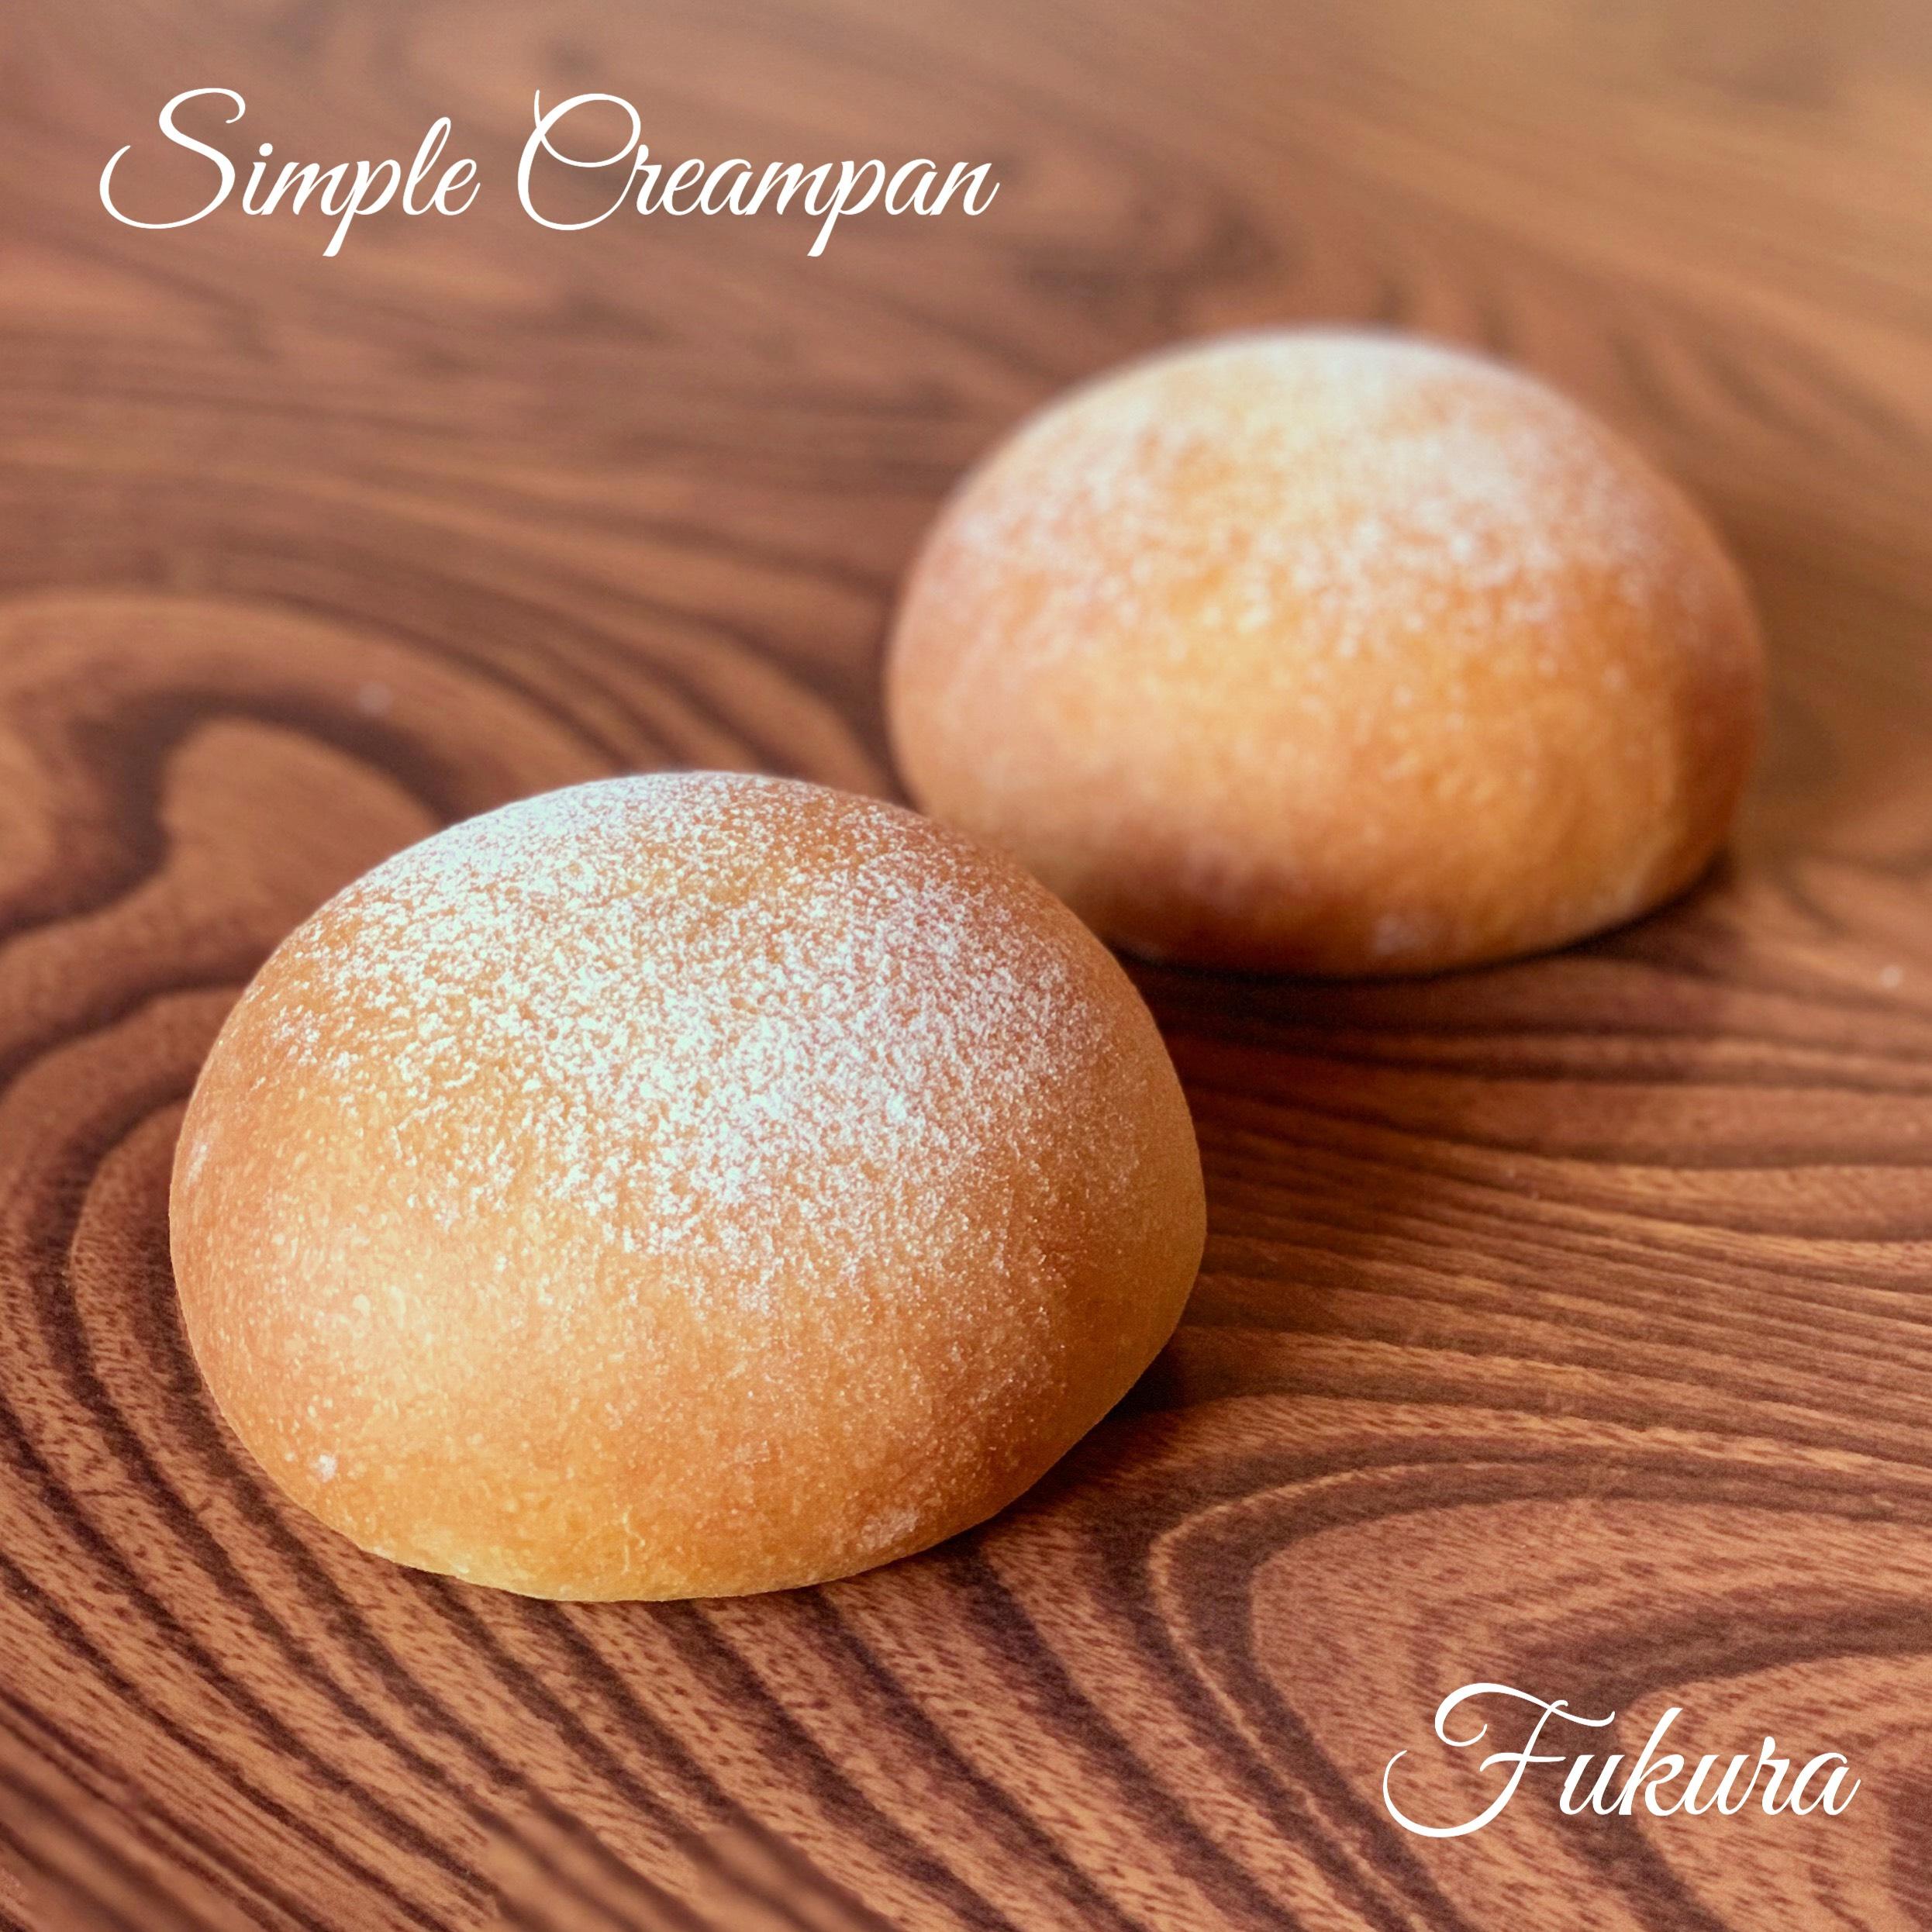 シンプルクリームパン(別名、大入りクリームパン)